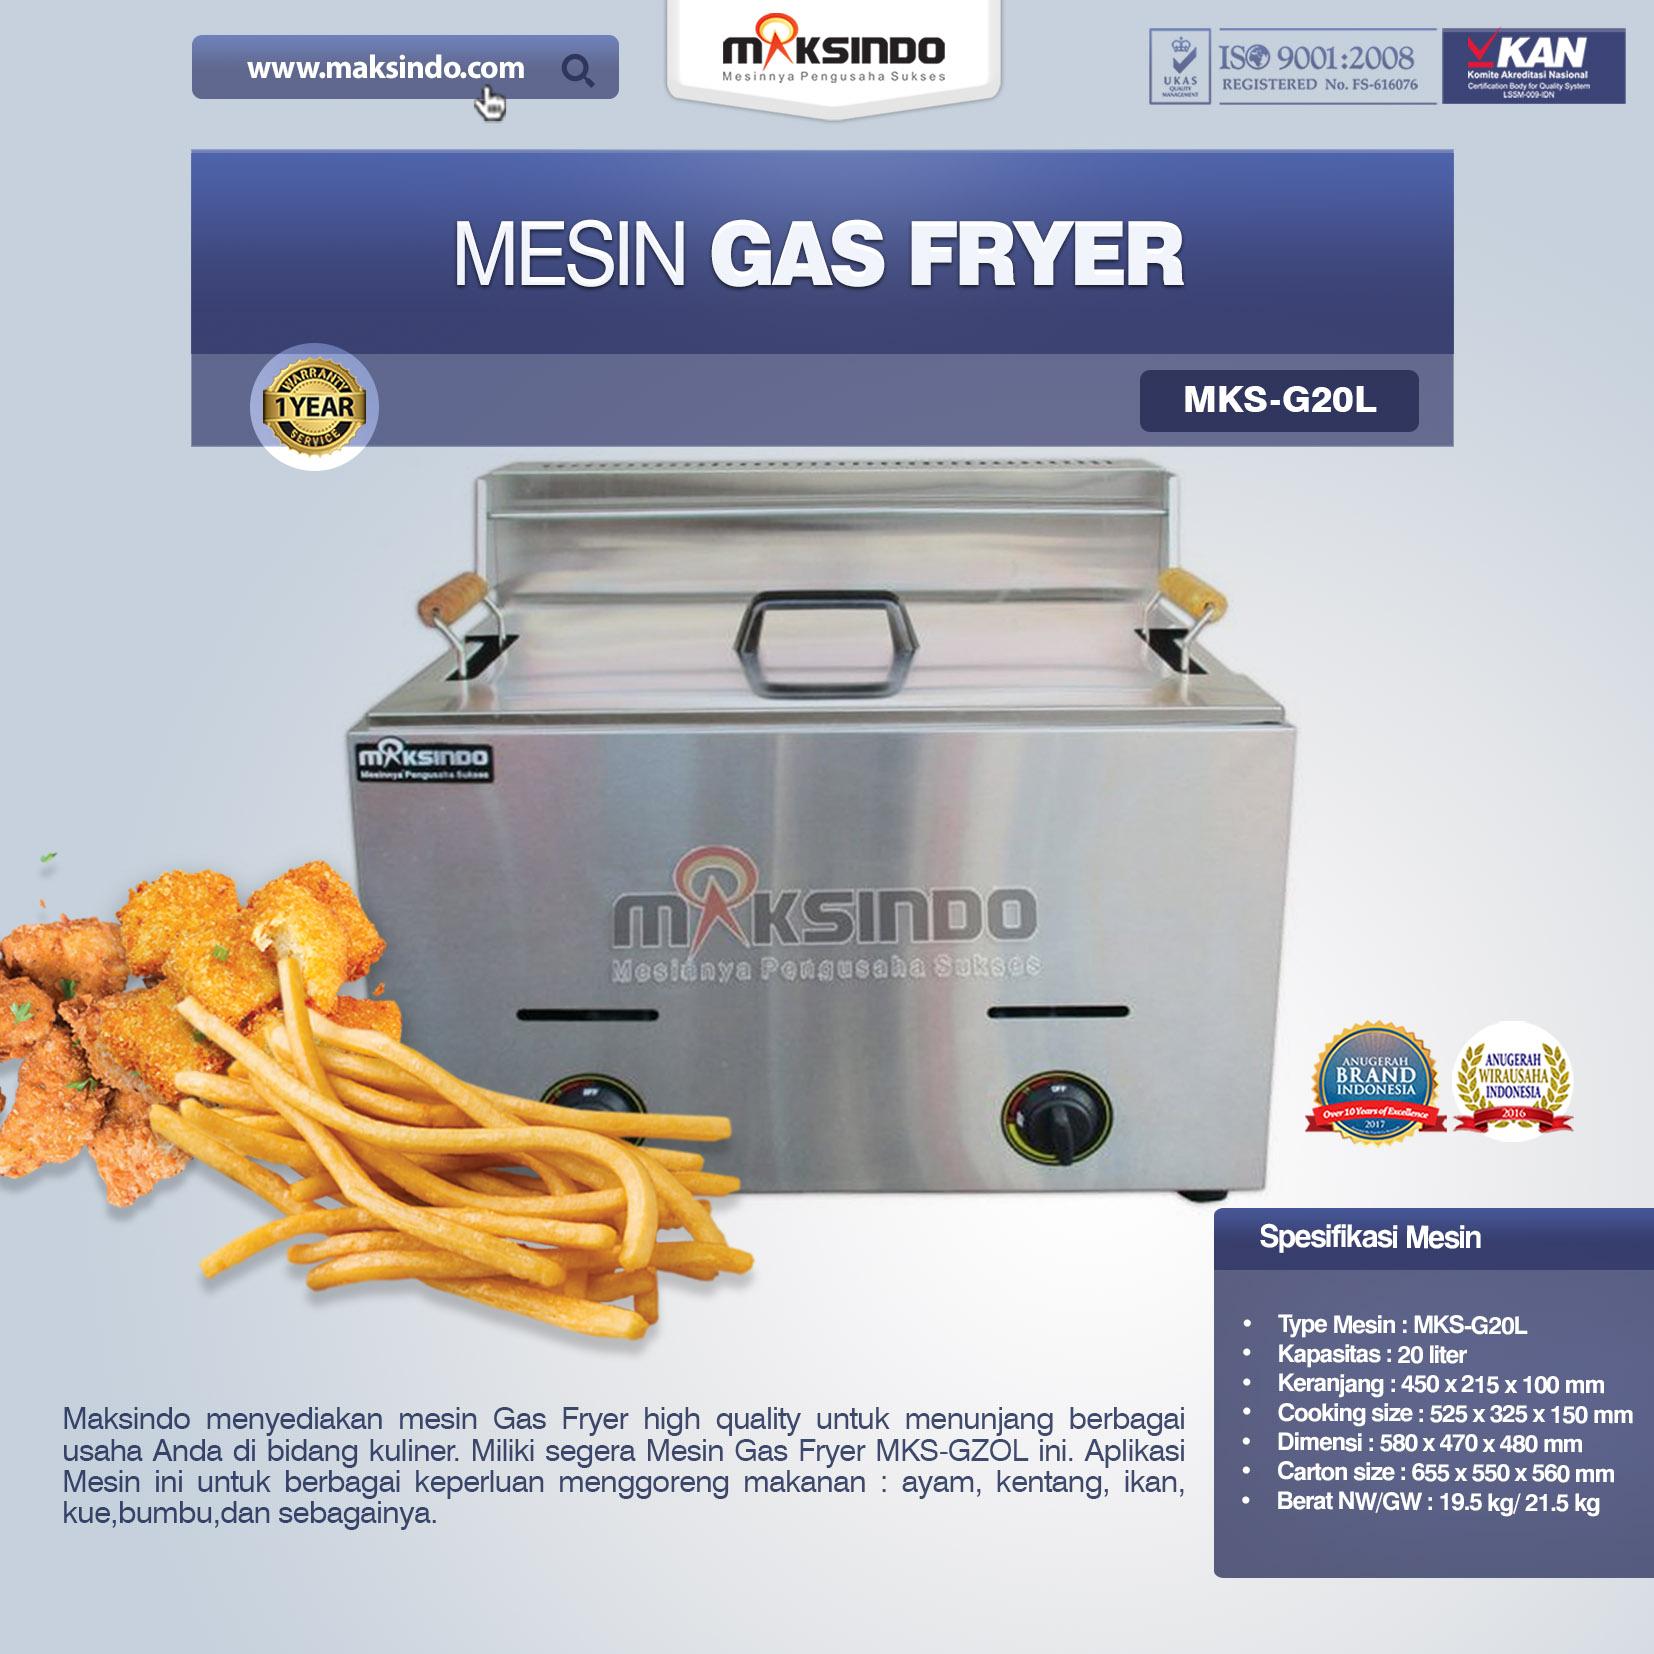 Jual Mesin Gas Fryer MKS-G20L Di Semarang